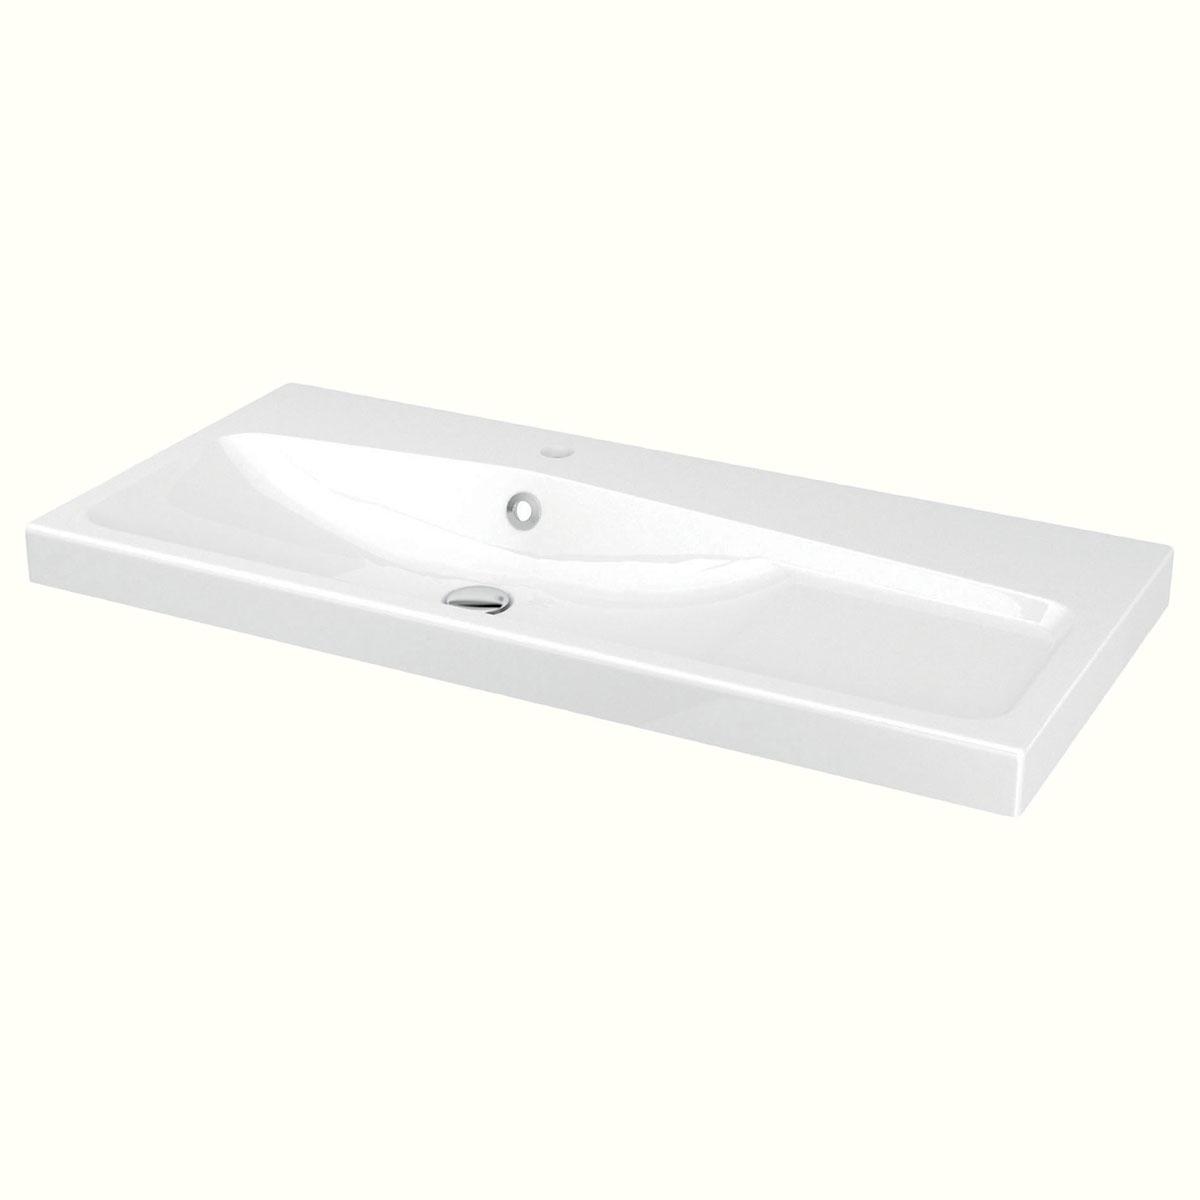 Plan Vasque Céramique L 100 X H 12 Cm - Brico Dépôt tout Vasque 100 Cm 2 Robinets